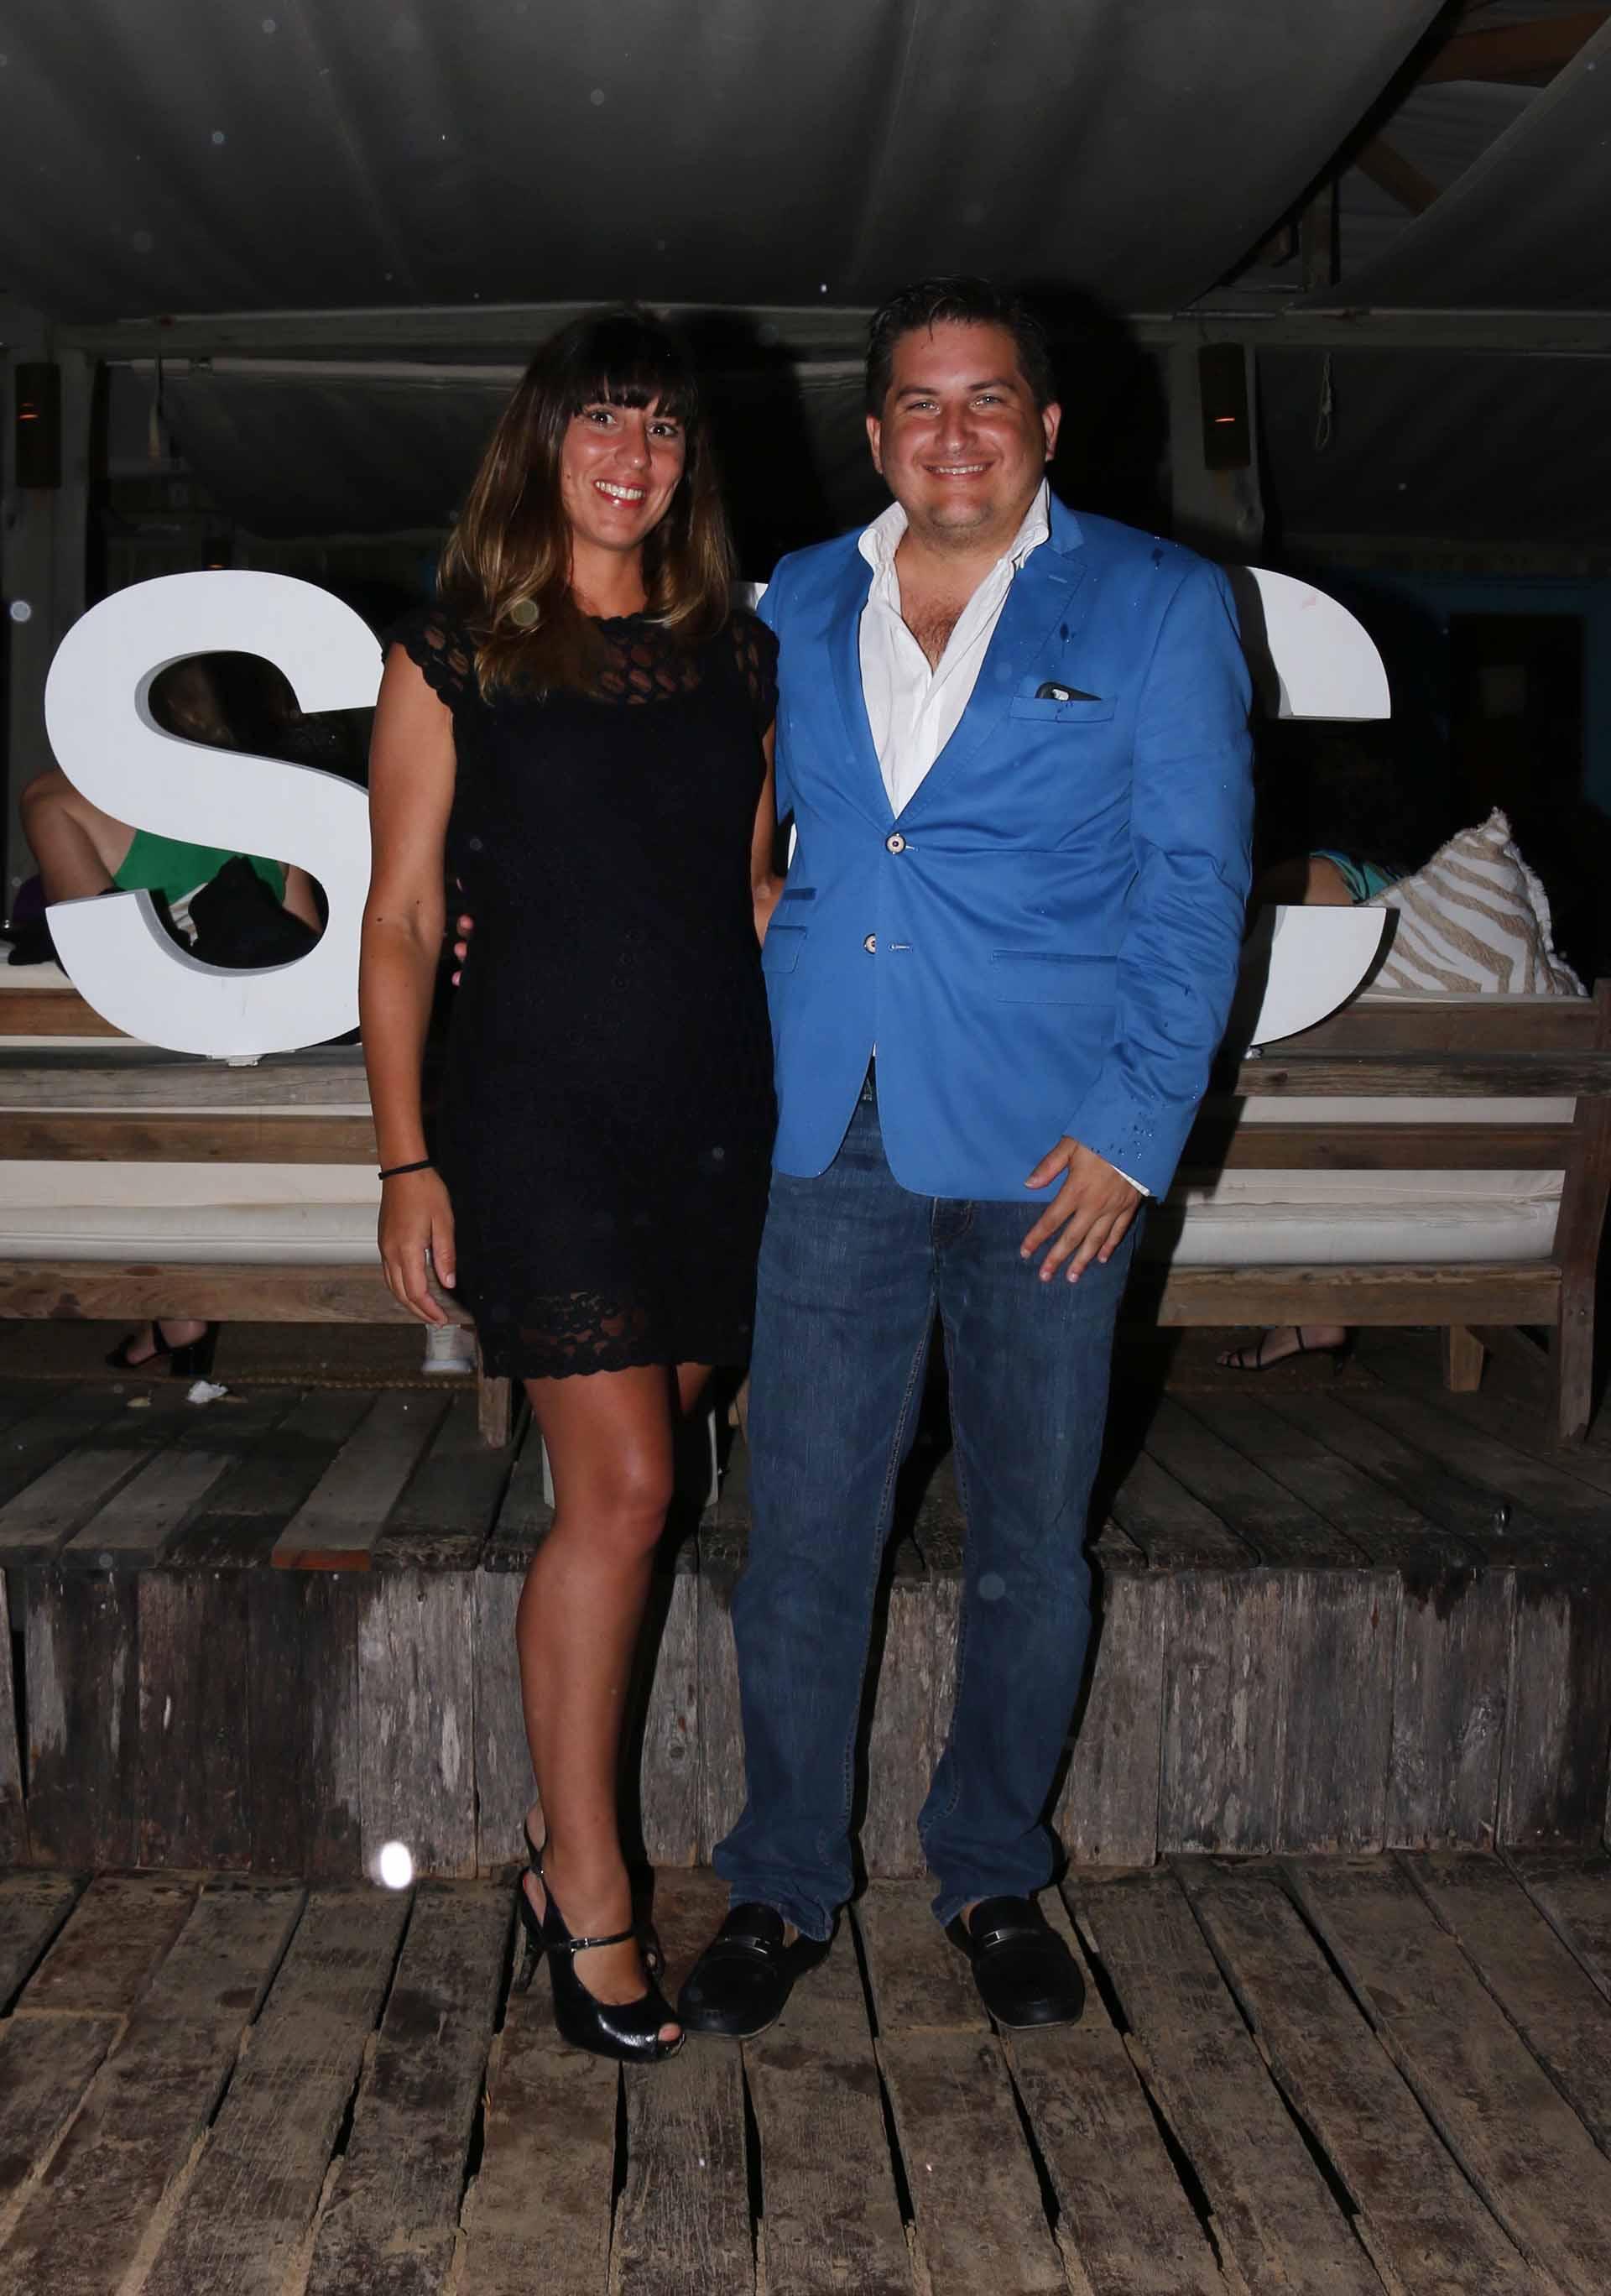 Gastón Corral, director de Sustentabilidad Corporativa de HSBC Argentina, y su mujer Romina Sasso